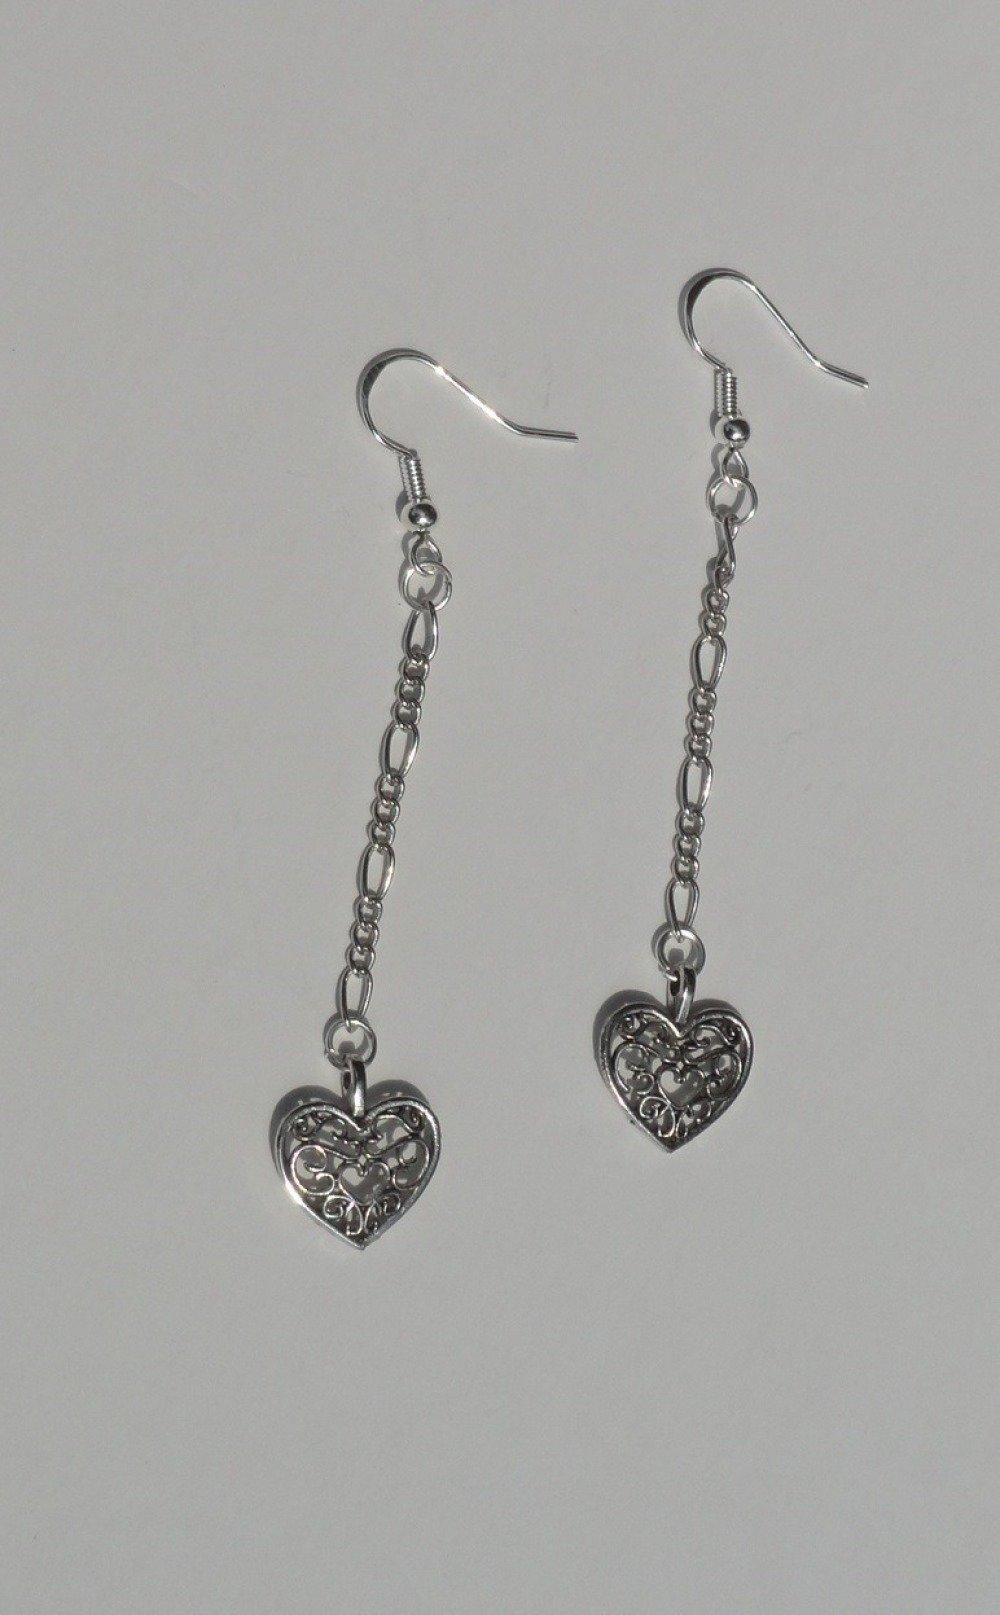 BOUCLES D'OREILLE Crochet Argent 925 avec cœur argenté et chaînette assortie - collection VERANO